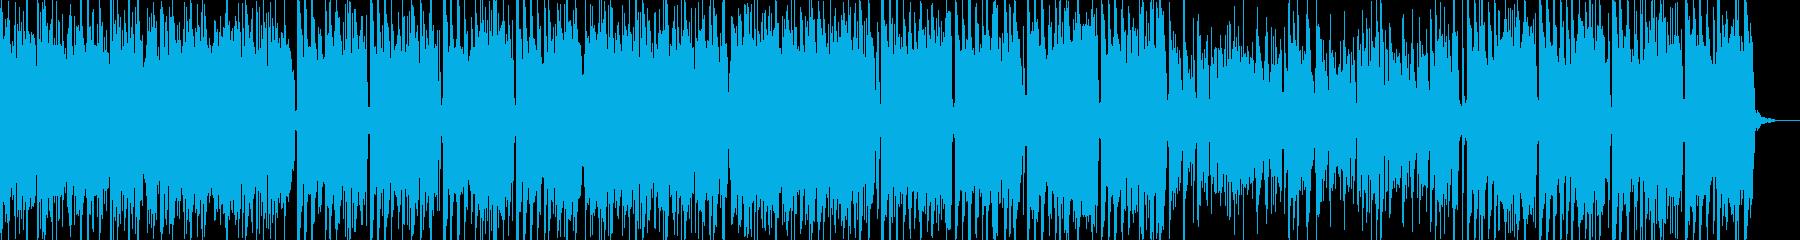 明るく楽し気なアイリッシュっぽい曲の再生済みの波形